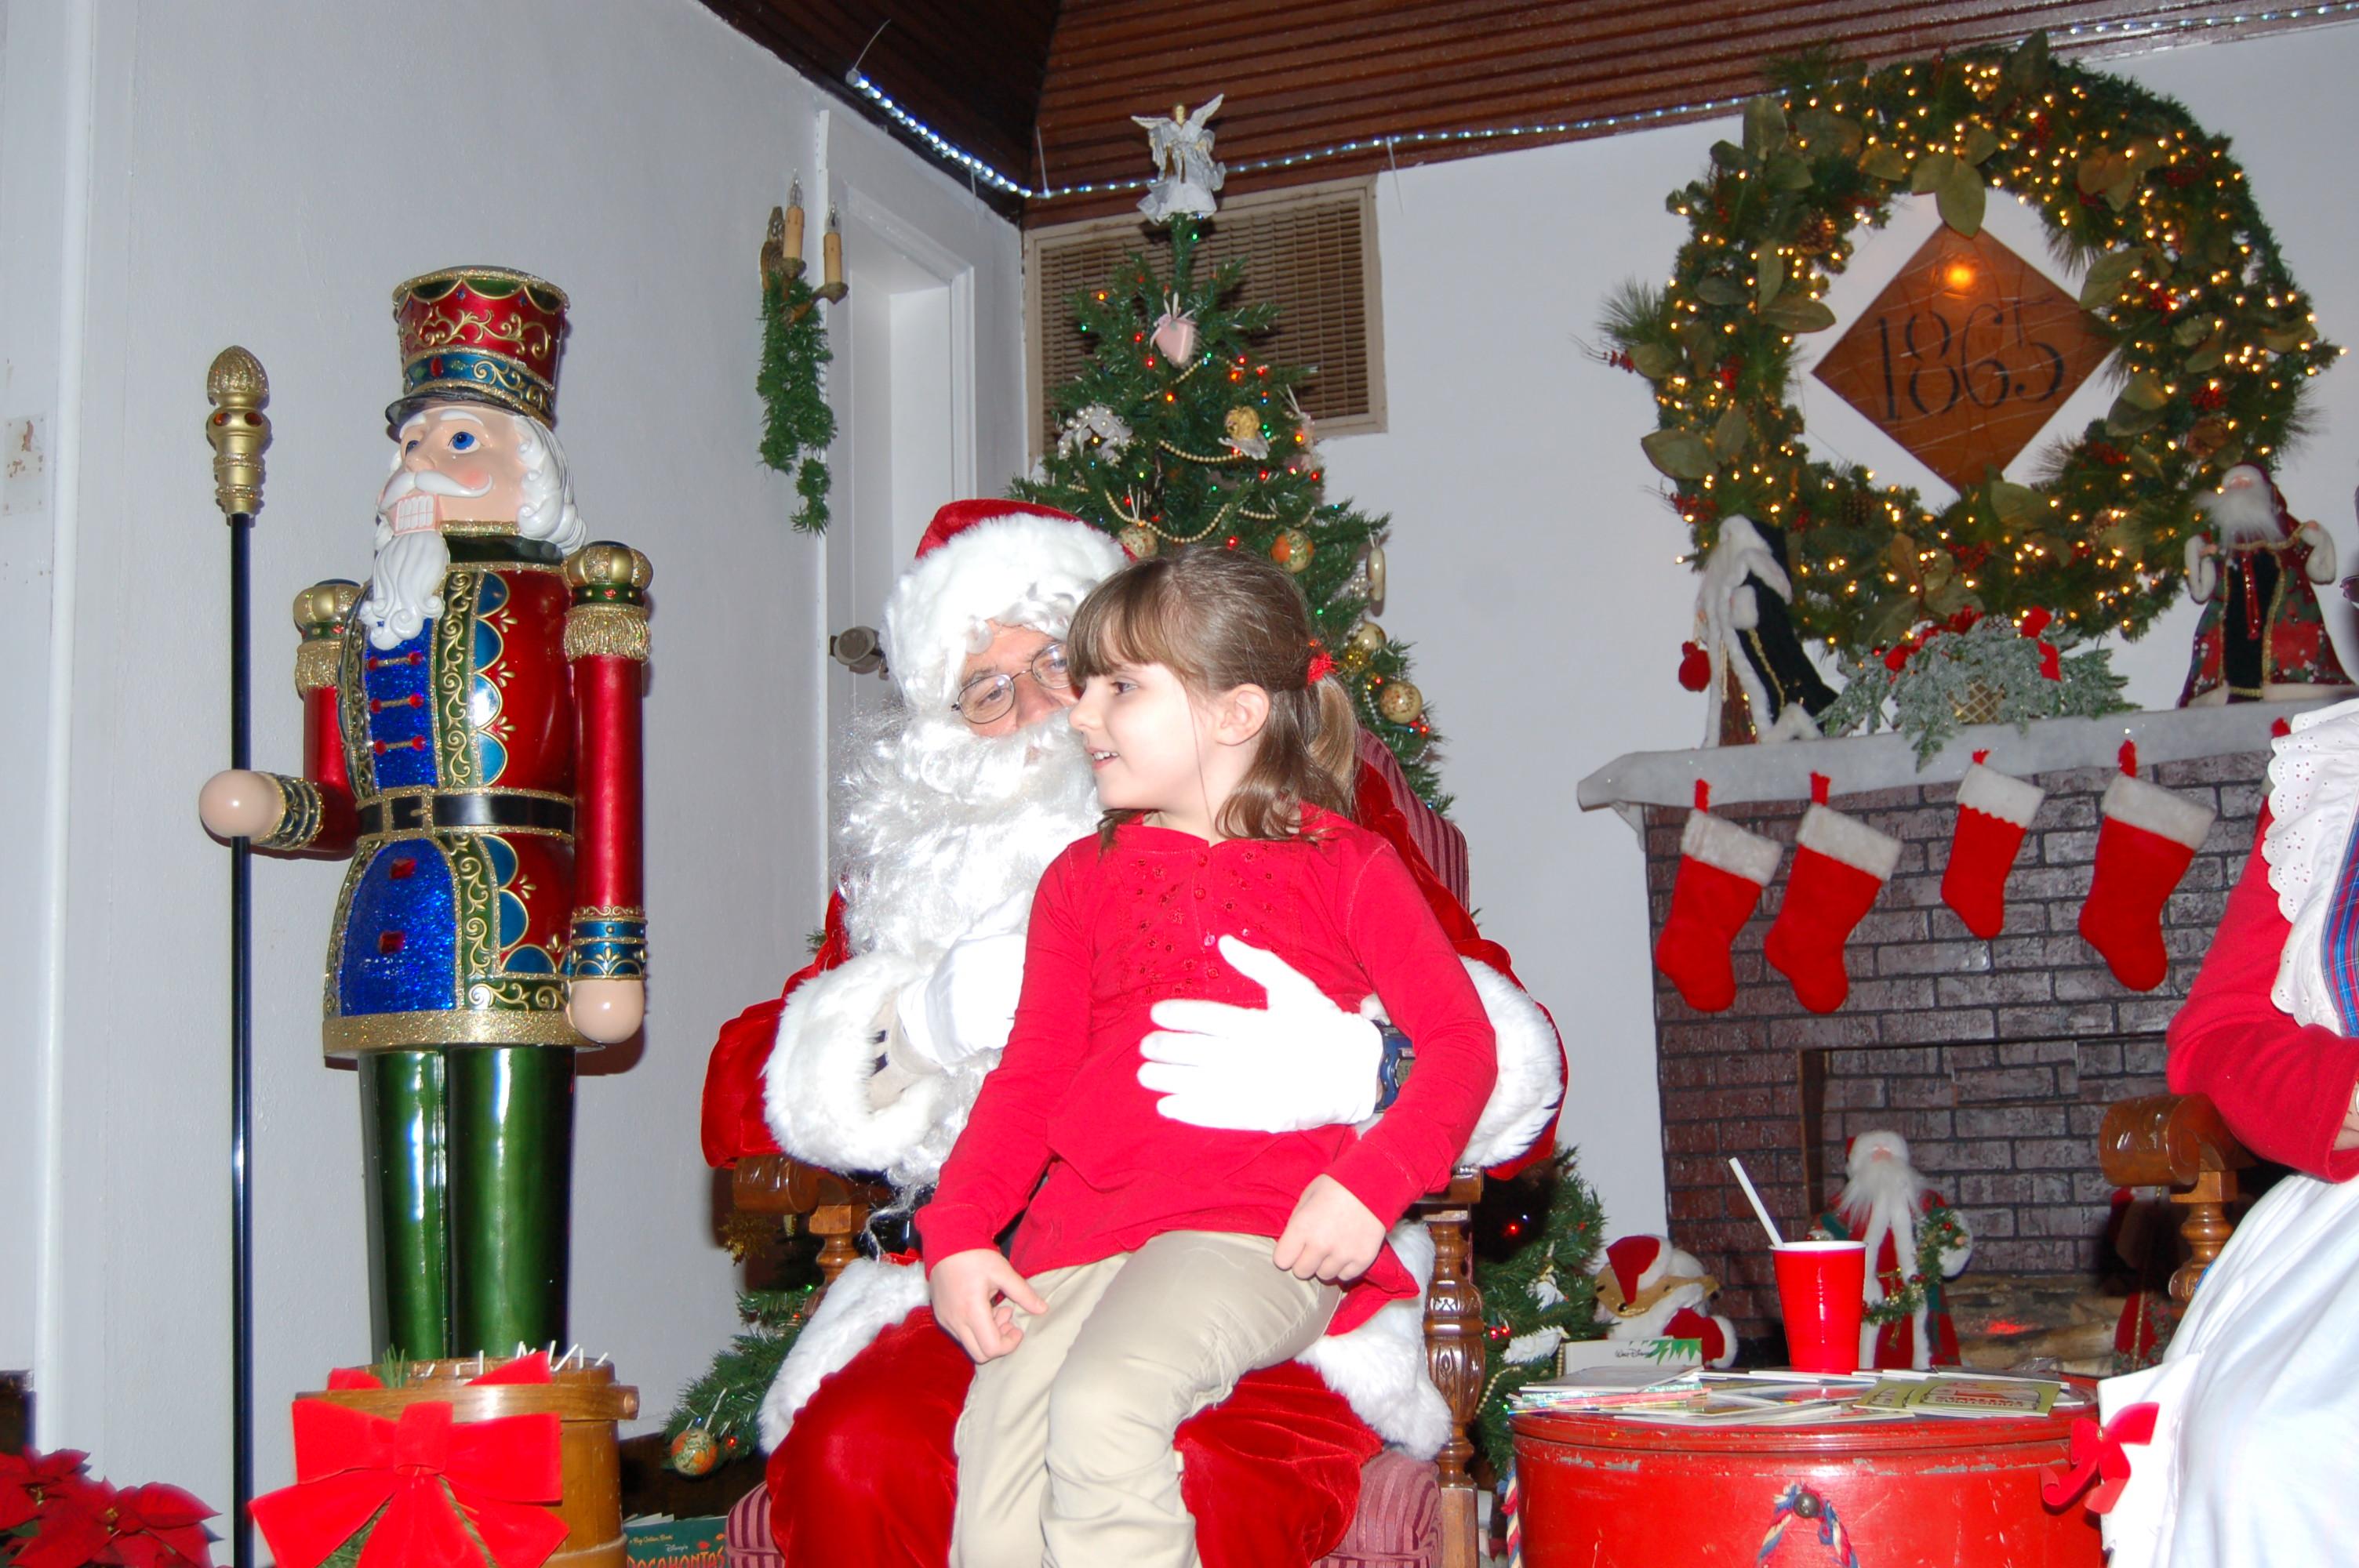 LolliPop+Lane+12-12-2008+Picture+019.jpg